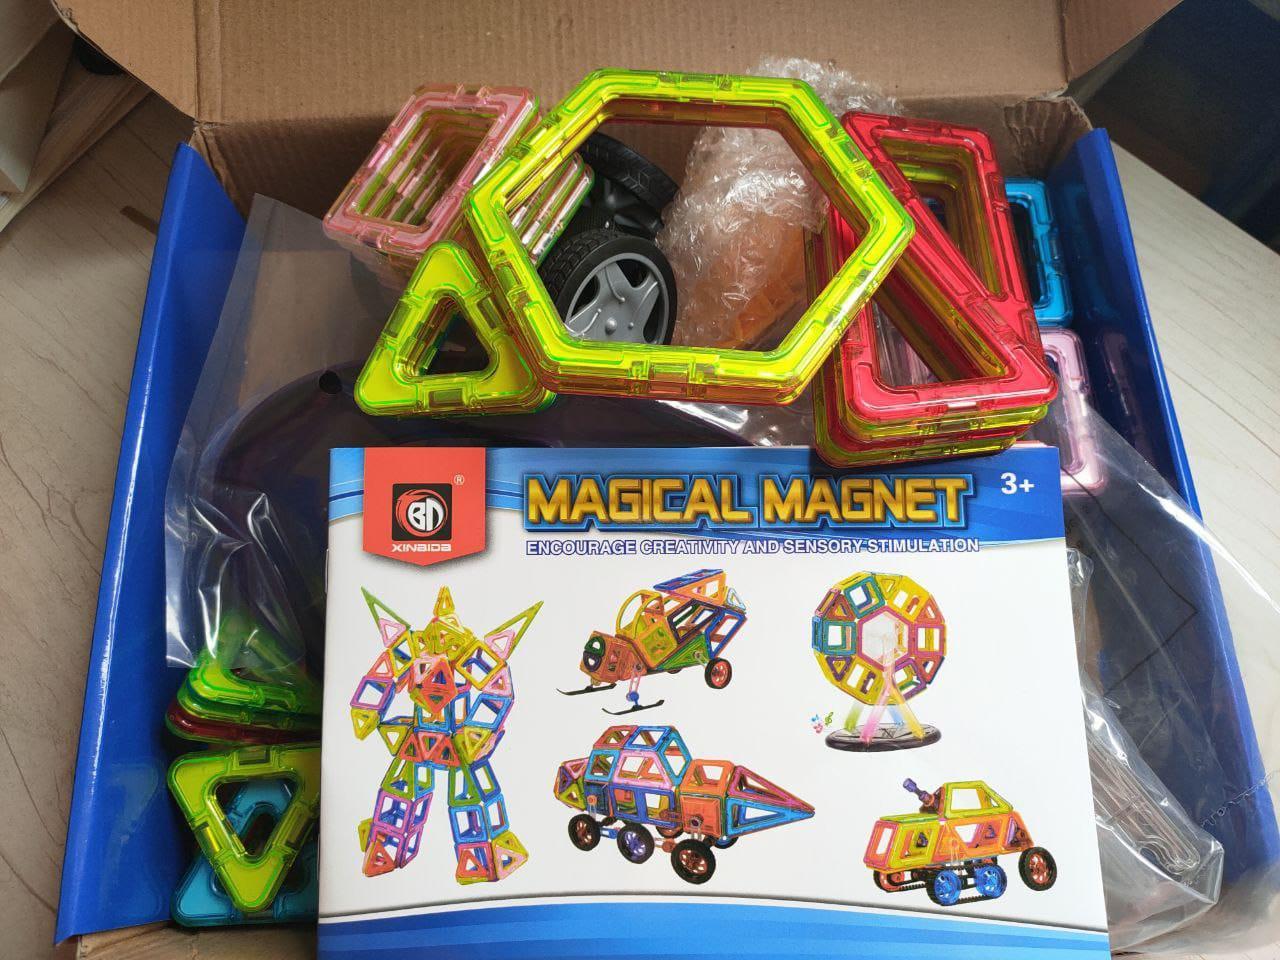 Конструктор Magical Magnet 71 pcs - фото 2